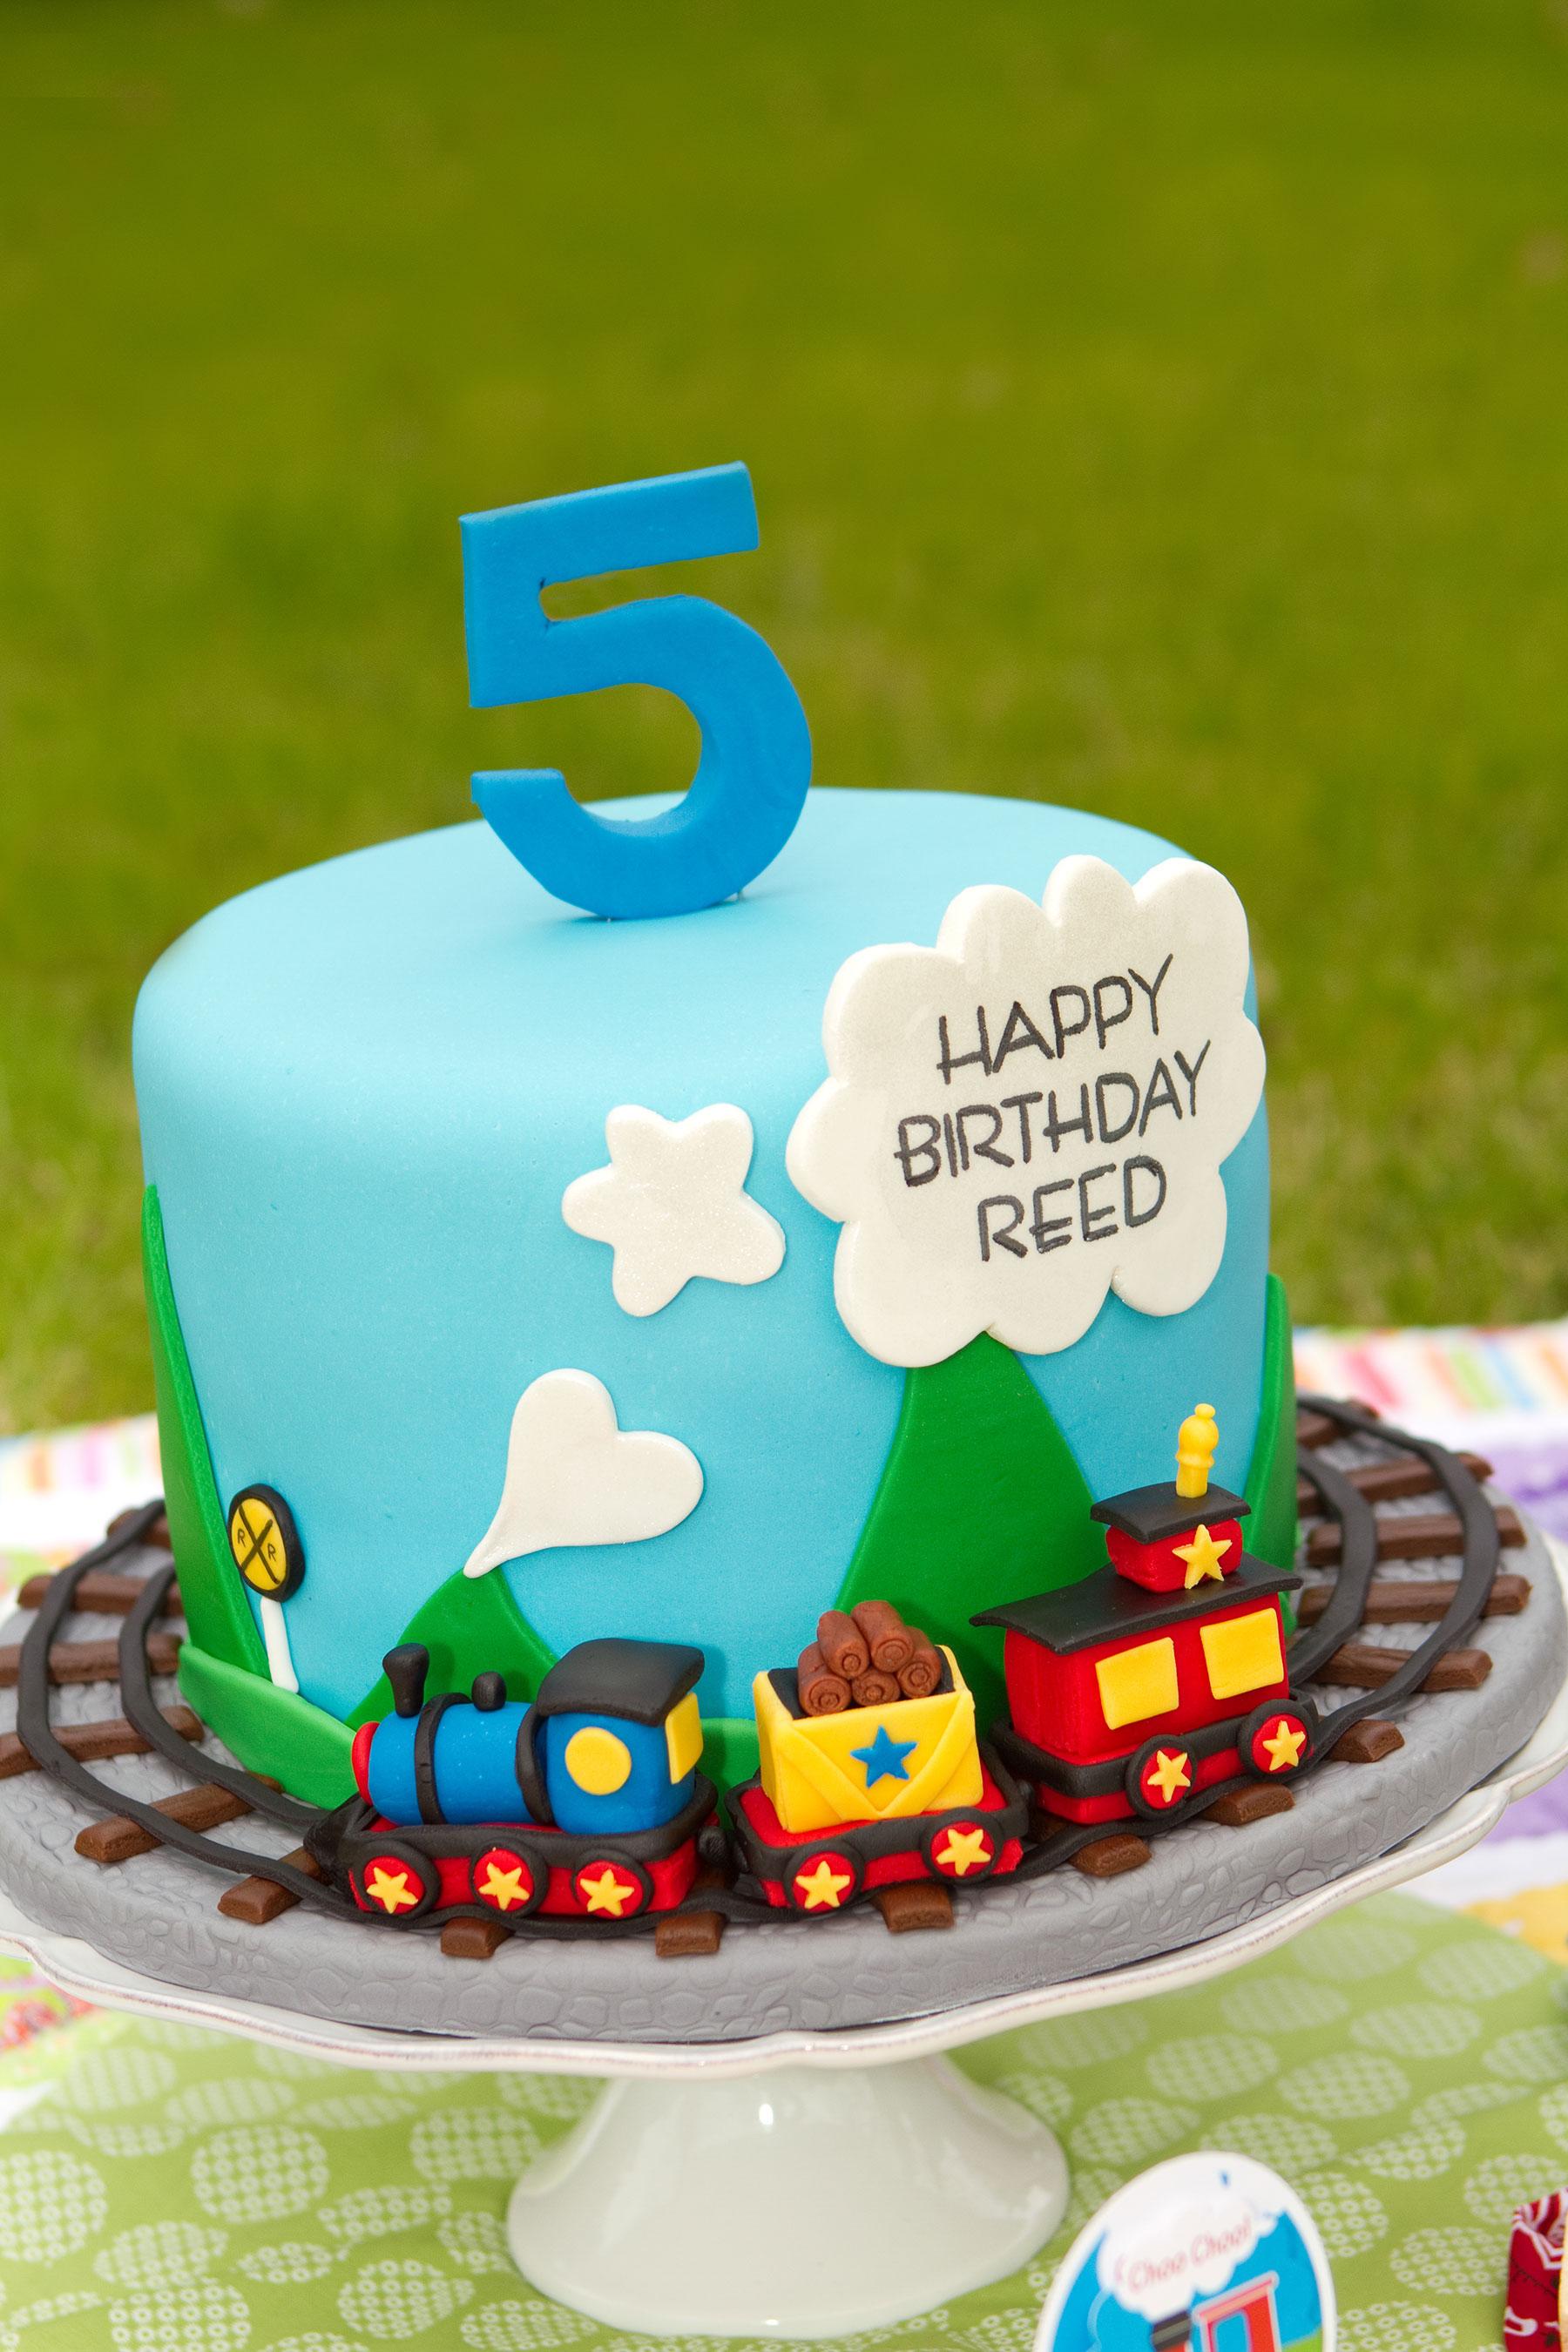 Choo choo train birthday cake